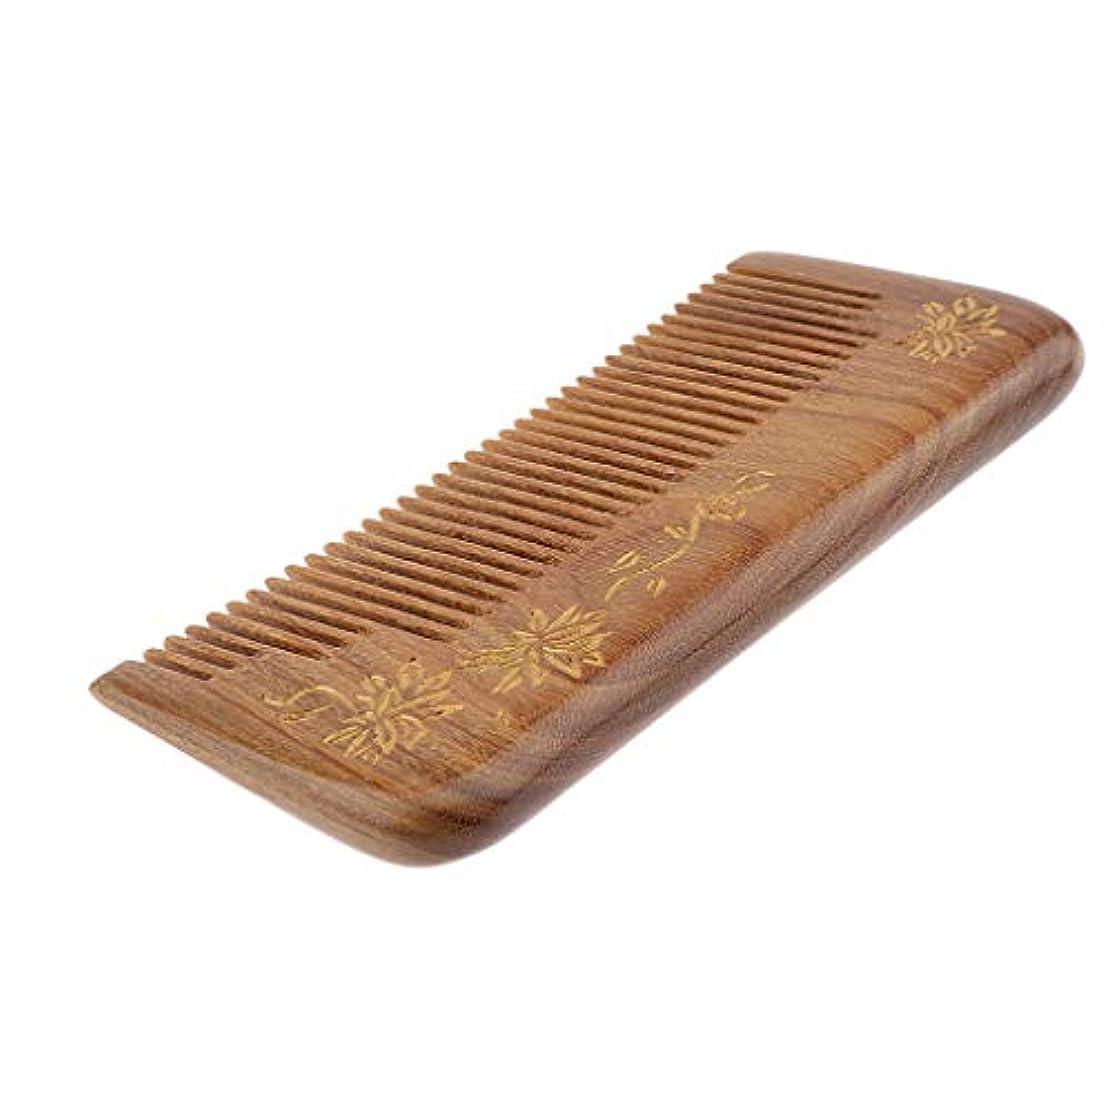 面からかうカスケードF Fityle 帯電防止櫛 ヘアブラシ 木製櫛 広い歯 自然な木 マッサージ櫛 プレゼント 4仕様選べ - #3